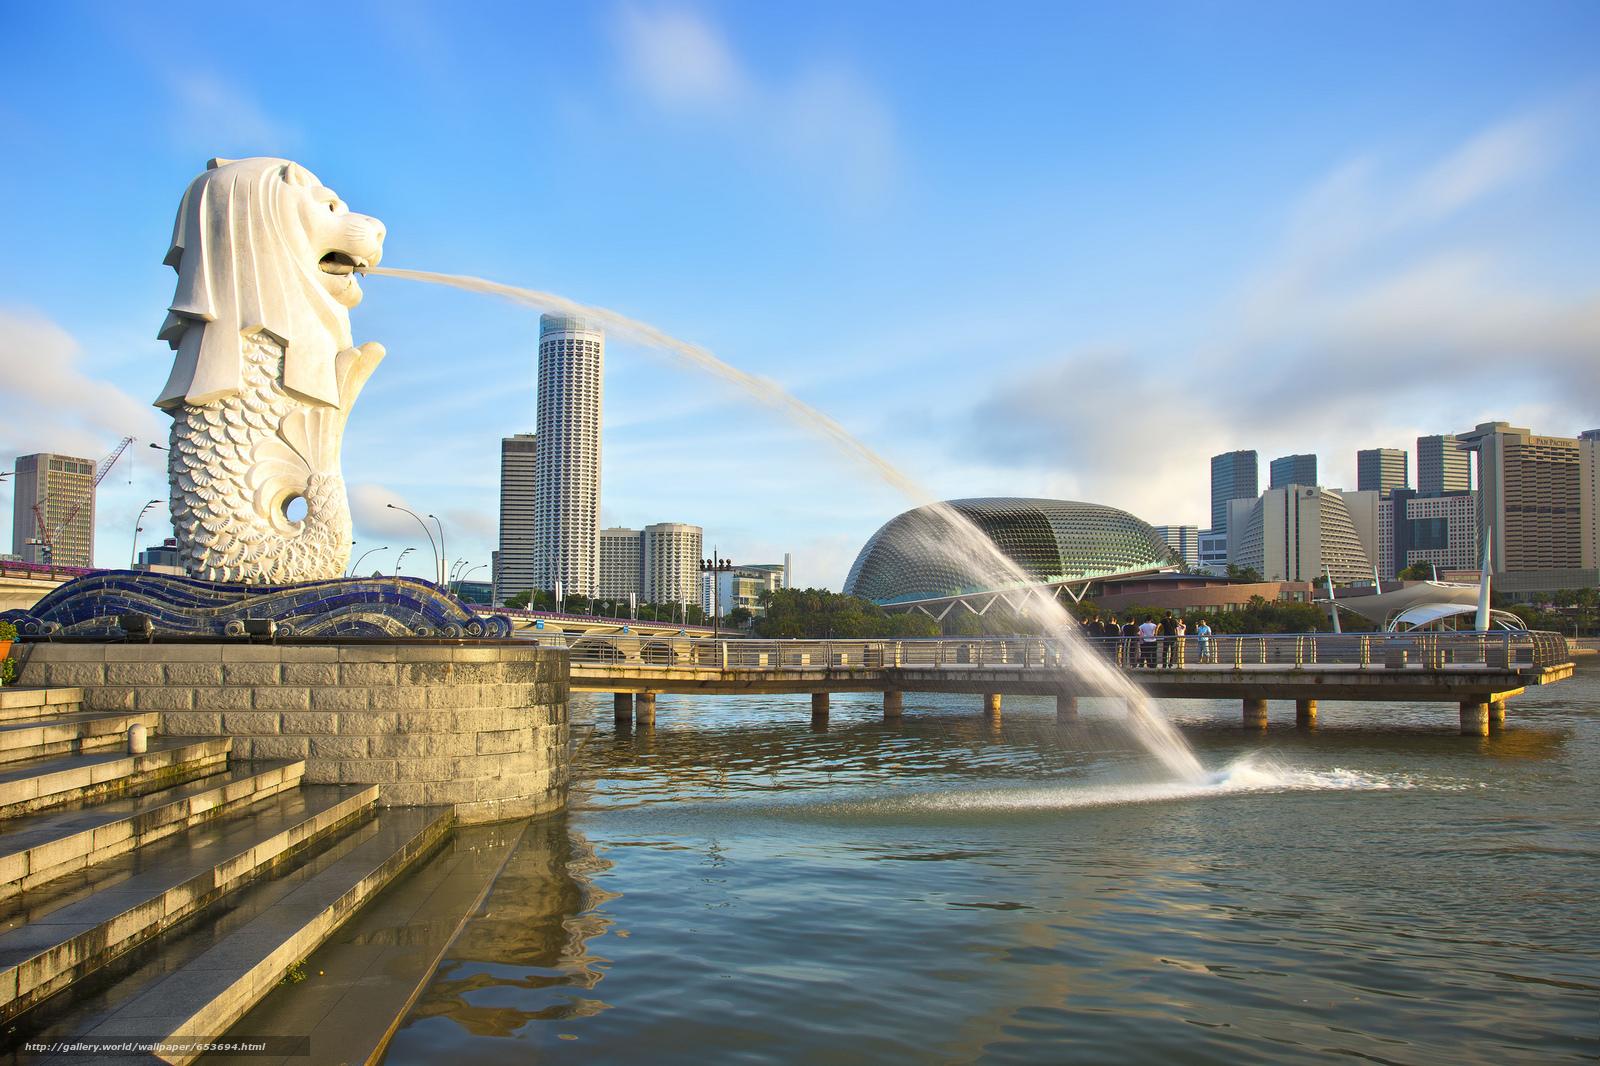 Скачать обои Сингапур,  Singapore,  город бесплатно для рабочего стола в разрешении 2048x1365 — картинка №653694